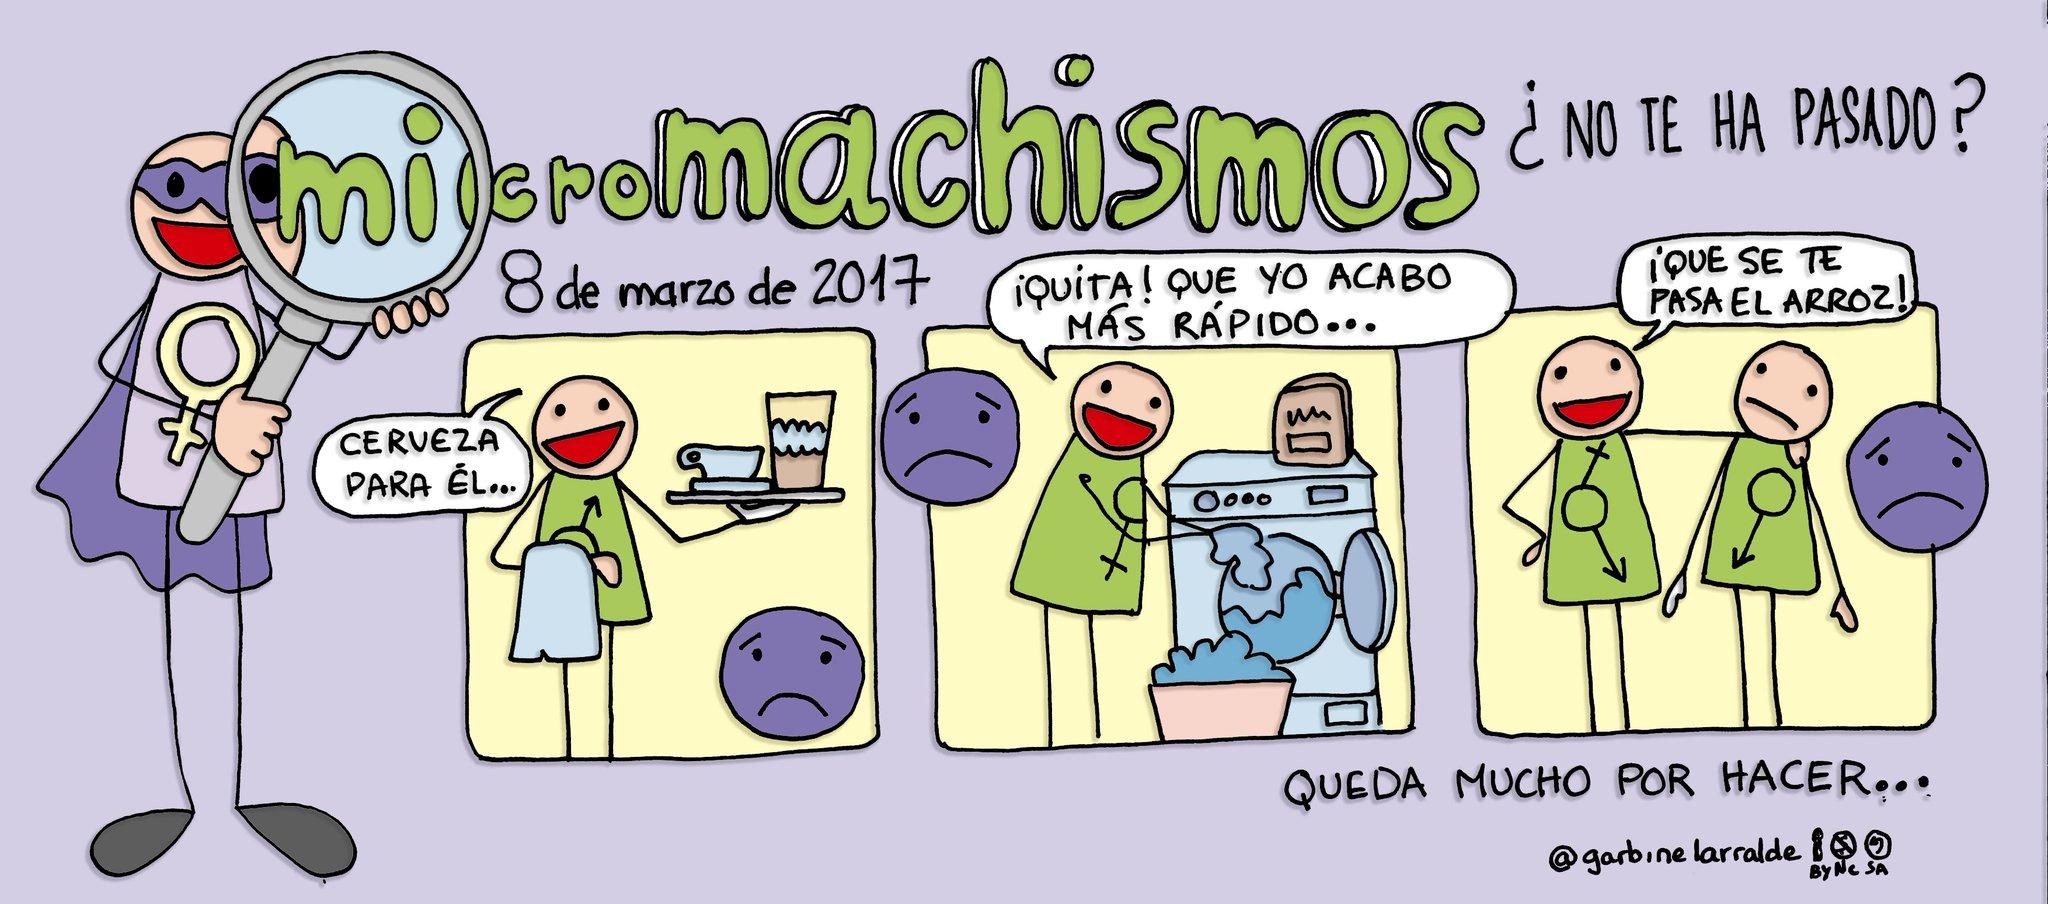 Hagamos visibles los #micromachismos #8marzo #YoEducoEnIgualdad #dibujamelas https://t.co/42W3NIOGd9